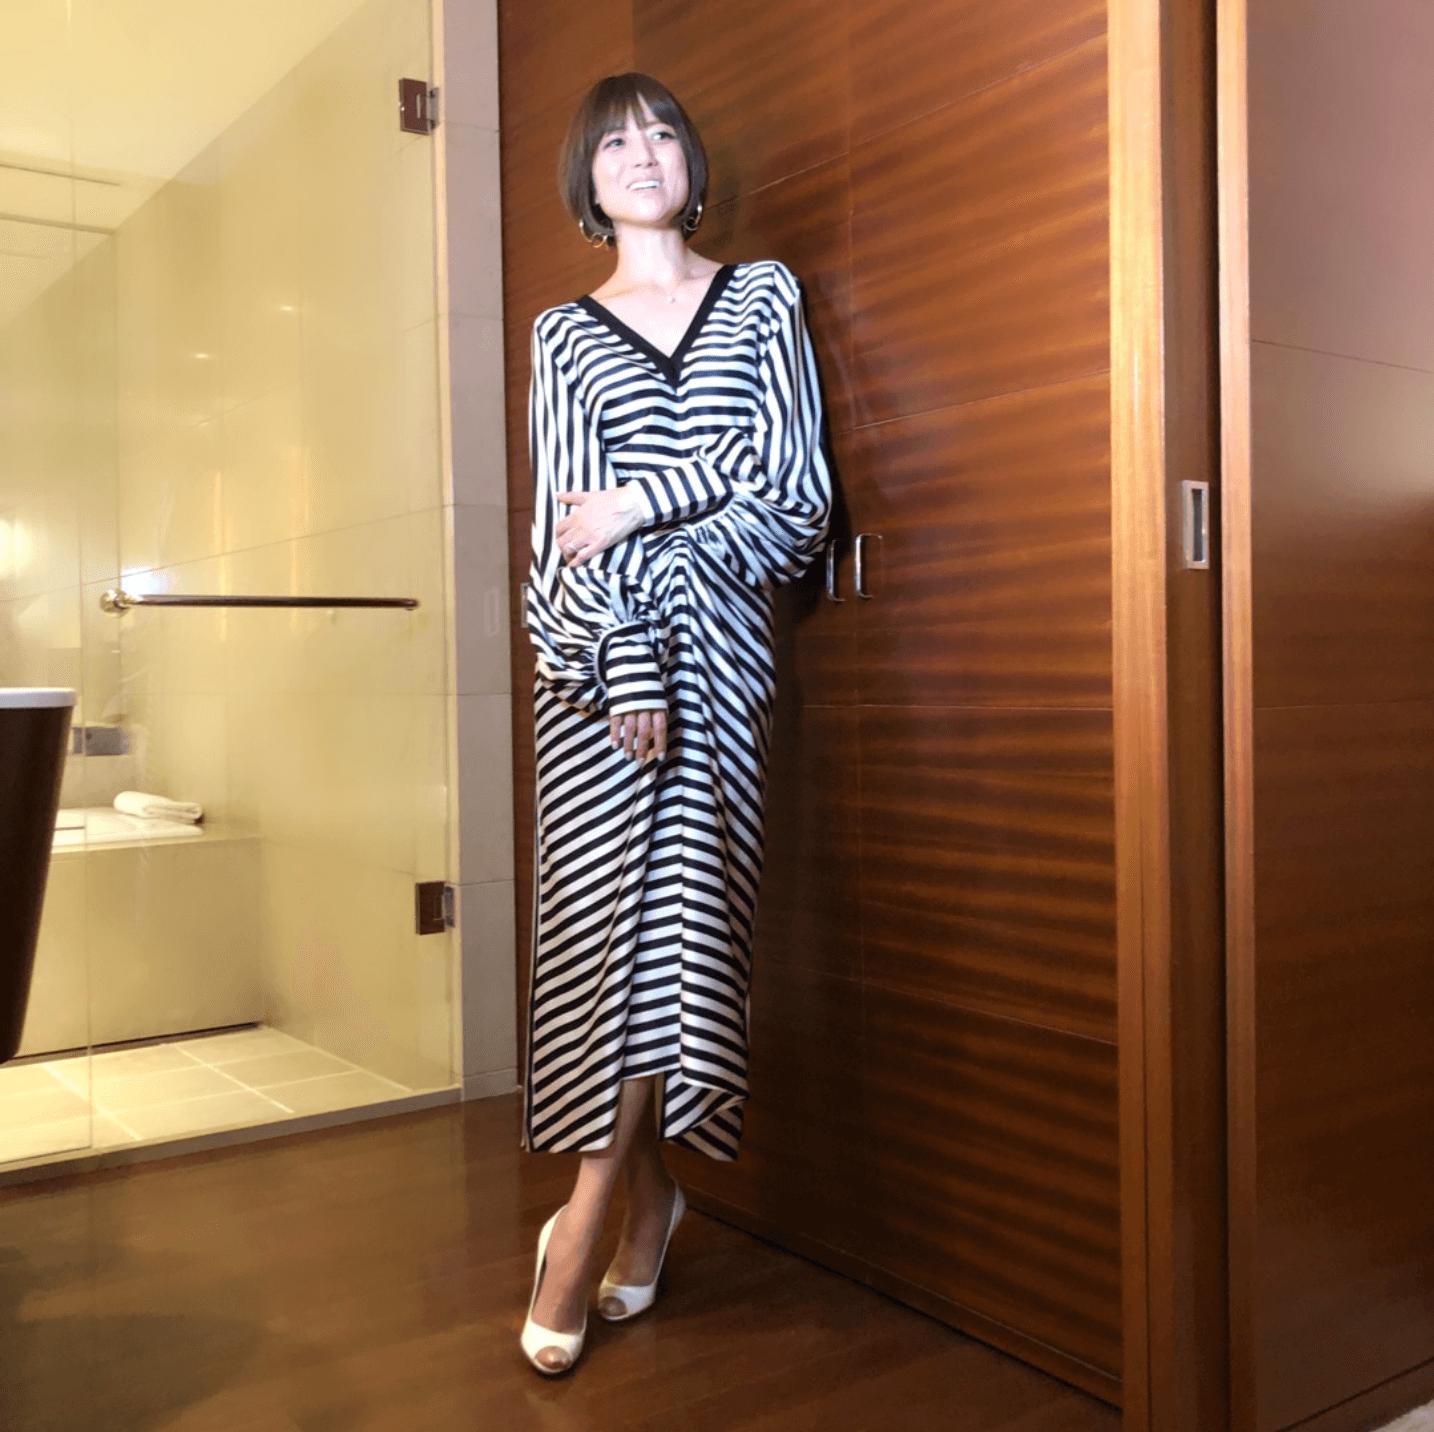 """hitomi、""""変身前""""と""""変身後""""の姿公開しファン反響「どのhitomiさんも素敵」「足が長すぎる」"""